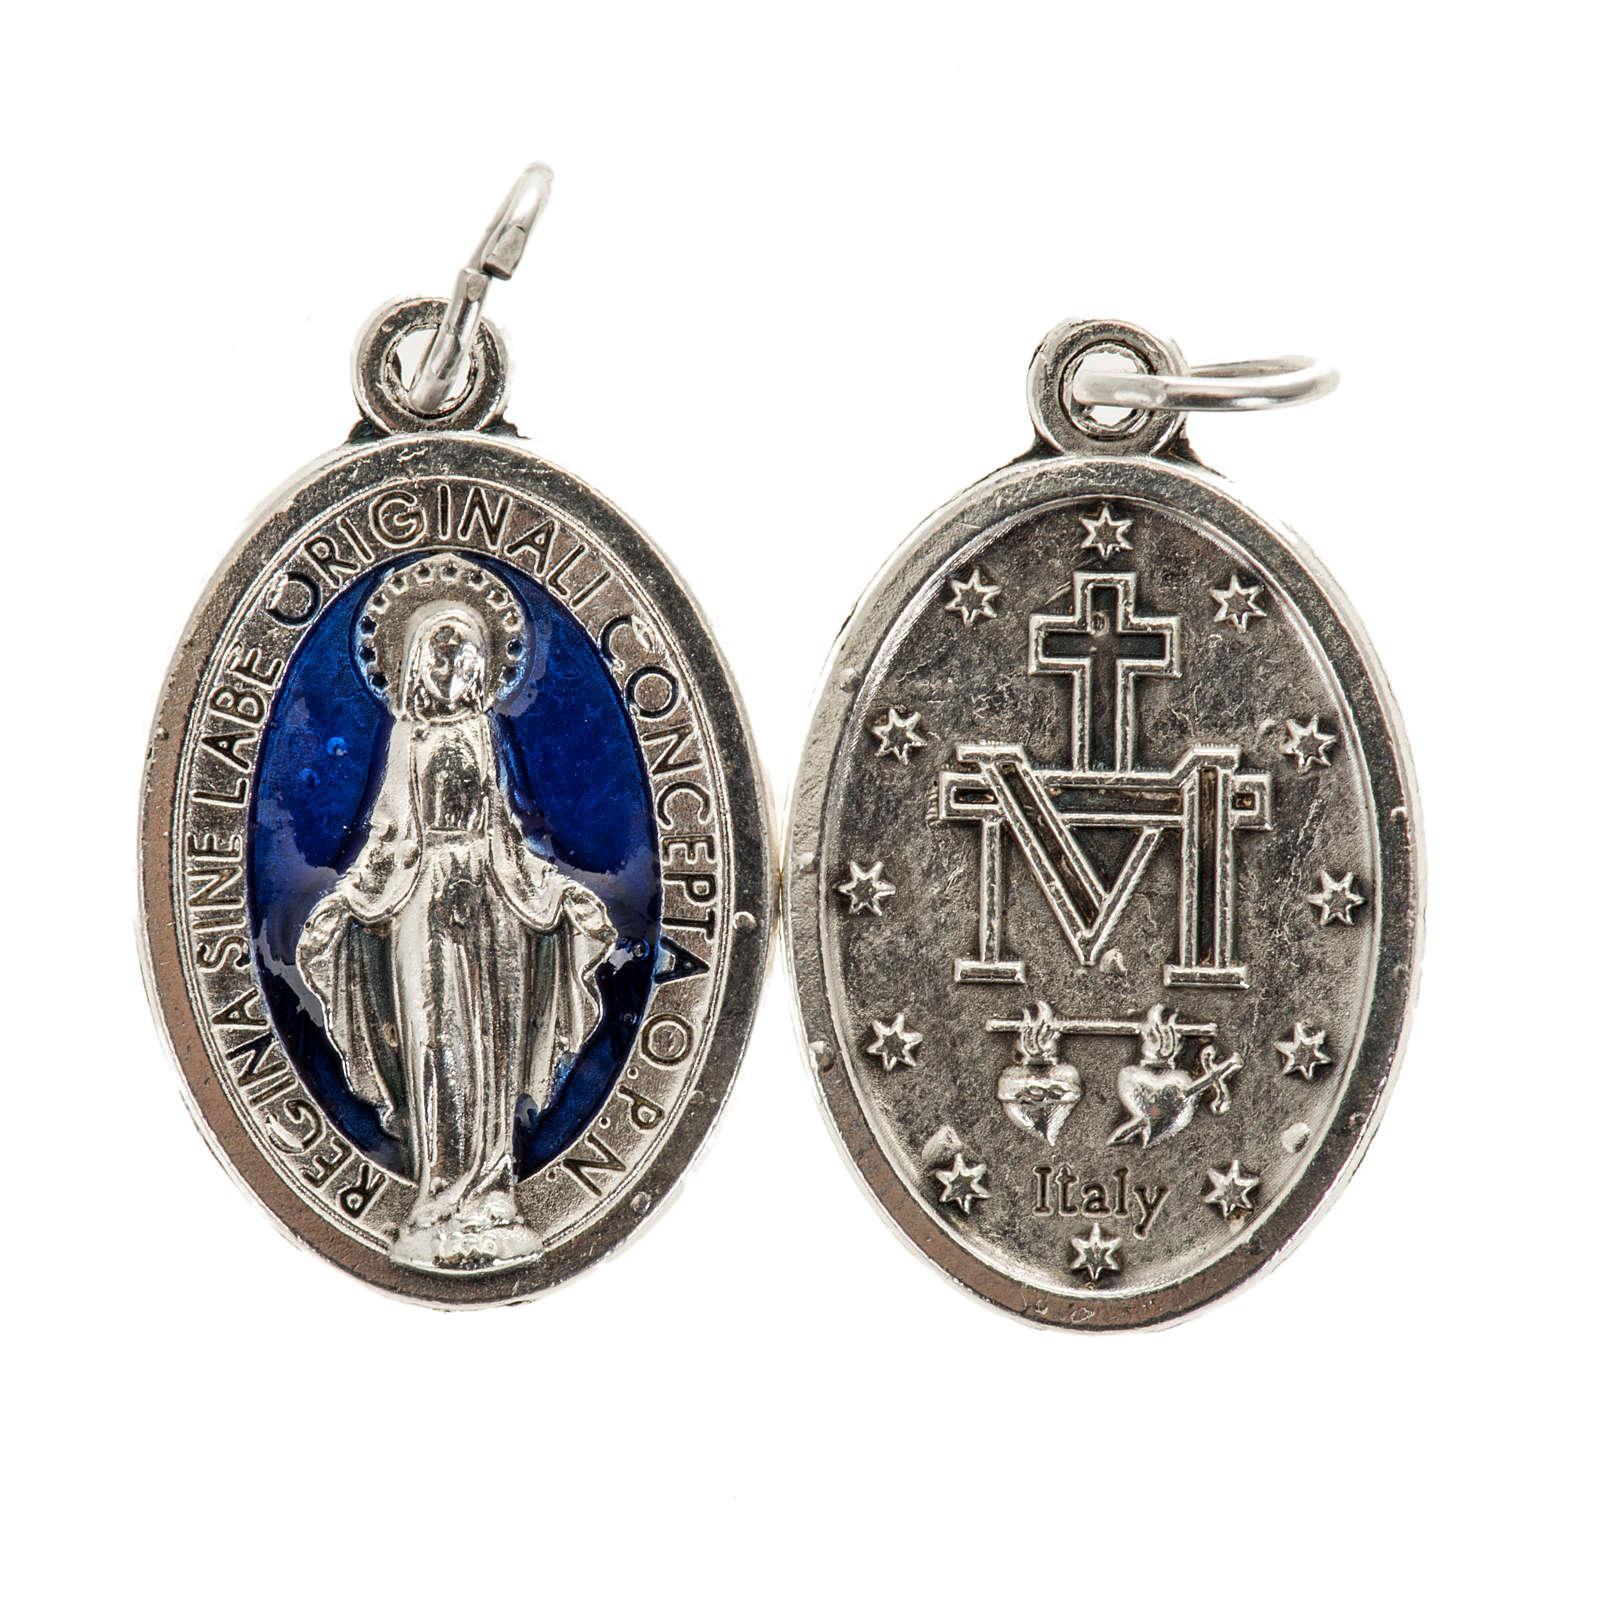 Medaglia Miracolosa ovale metallo con smalto blu h 21 mm 4